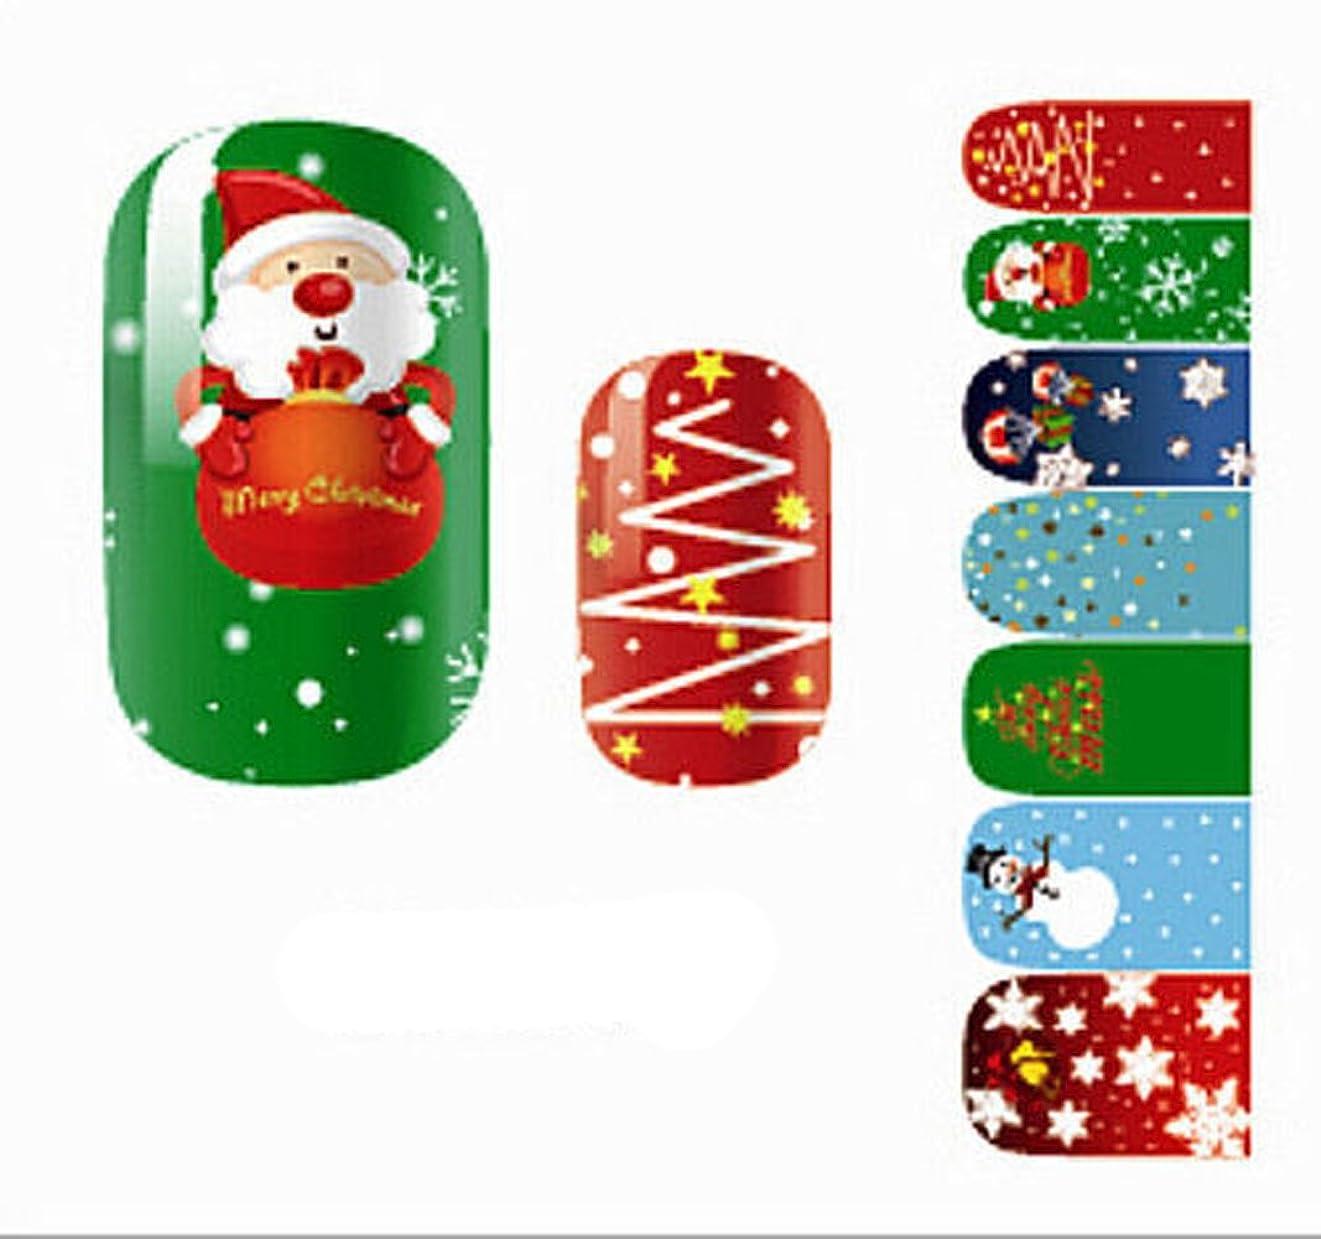 侵略ボタン鈍いHappyハッピー耳 14枚7ペア/セット 可愛いネイルシール クリスマス サンタクロース 雪 海軍風 ウサギ 混合柄 薄い レディース 子供に適用 (クリスマス風)